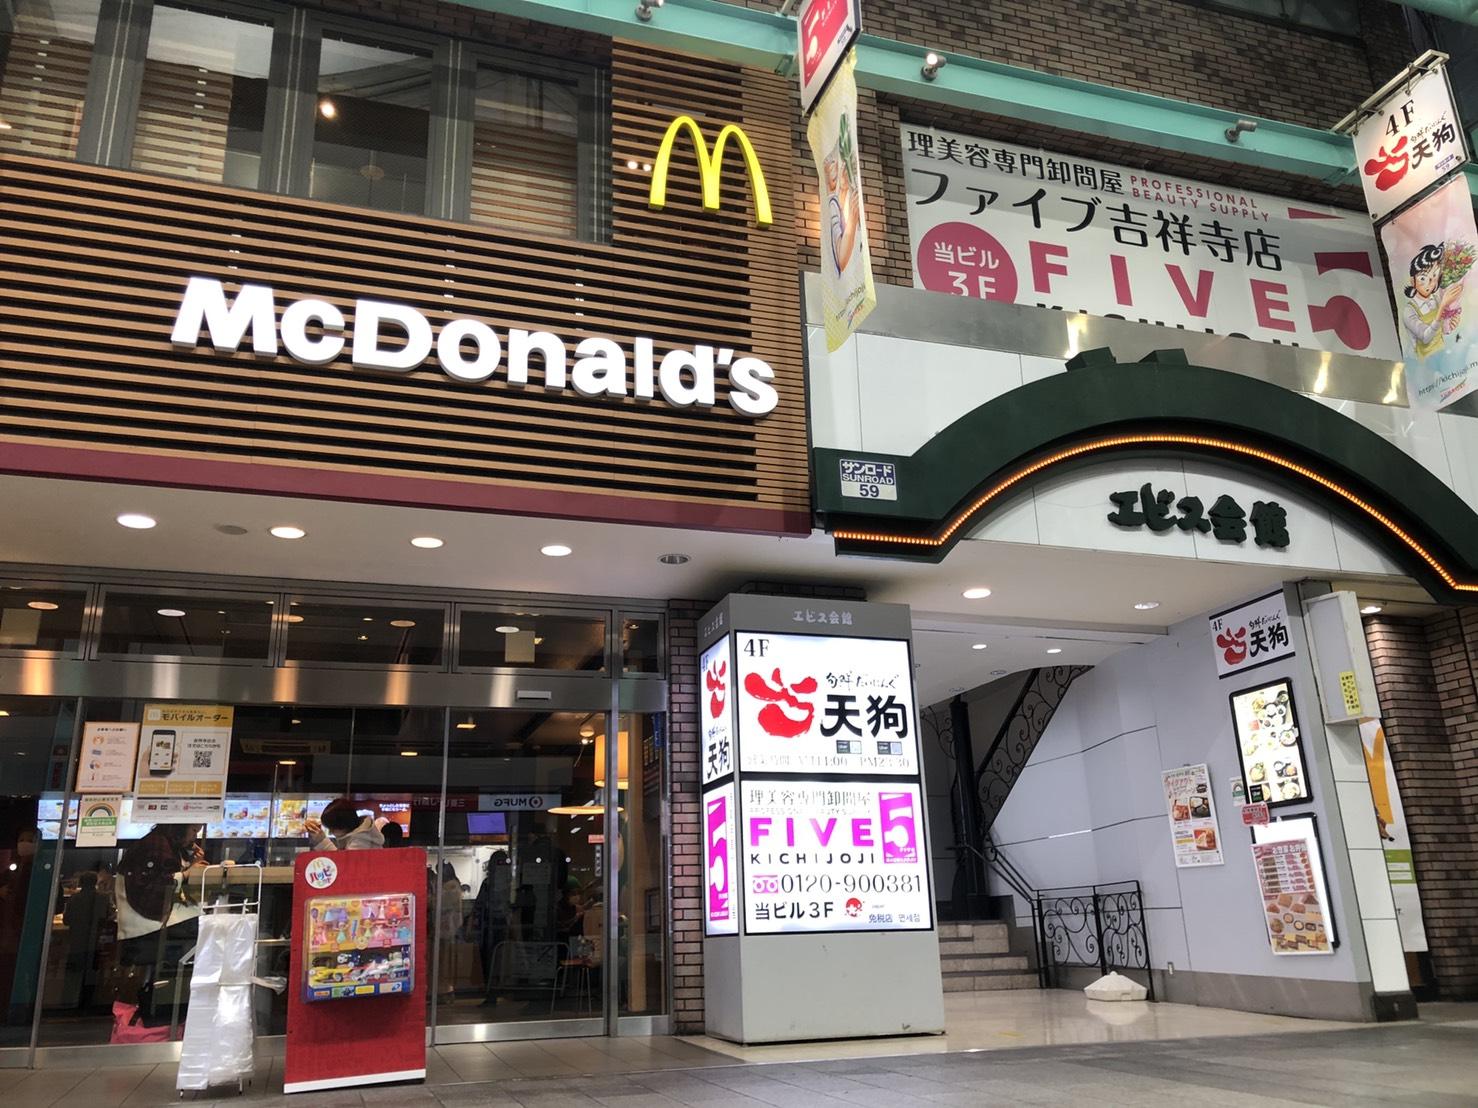 FIVE 吉祥寺店(東京)